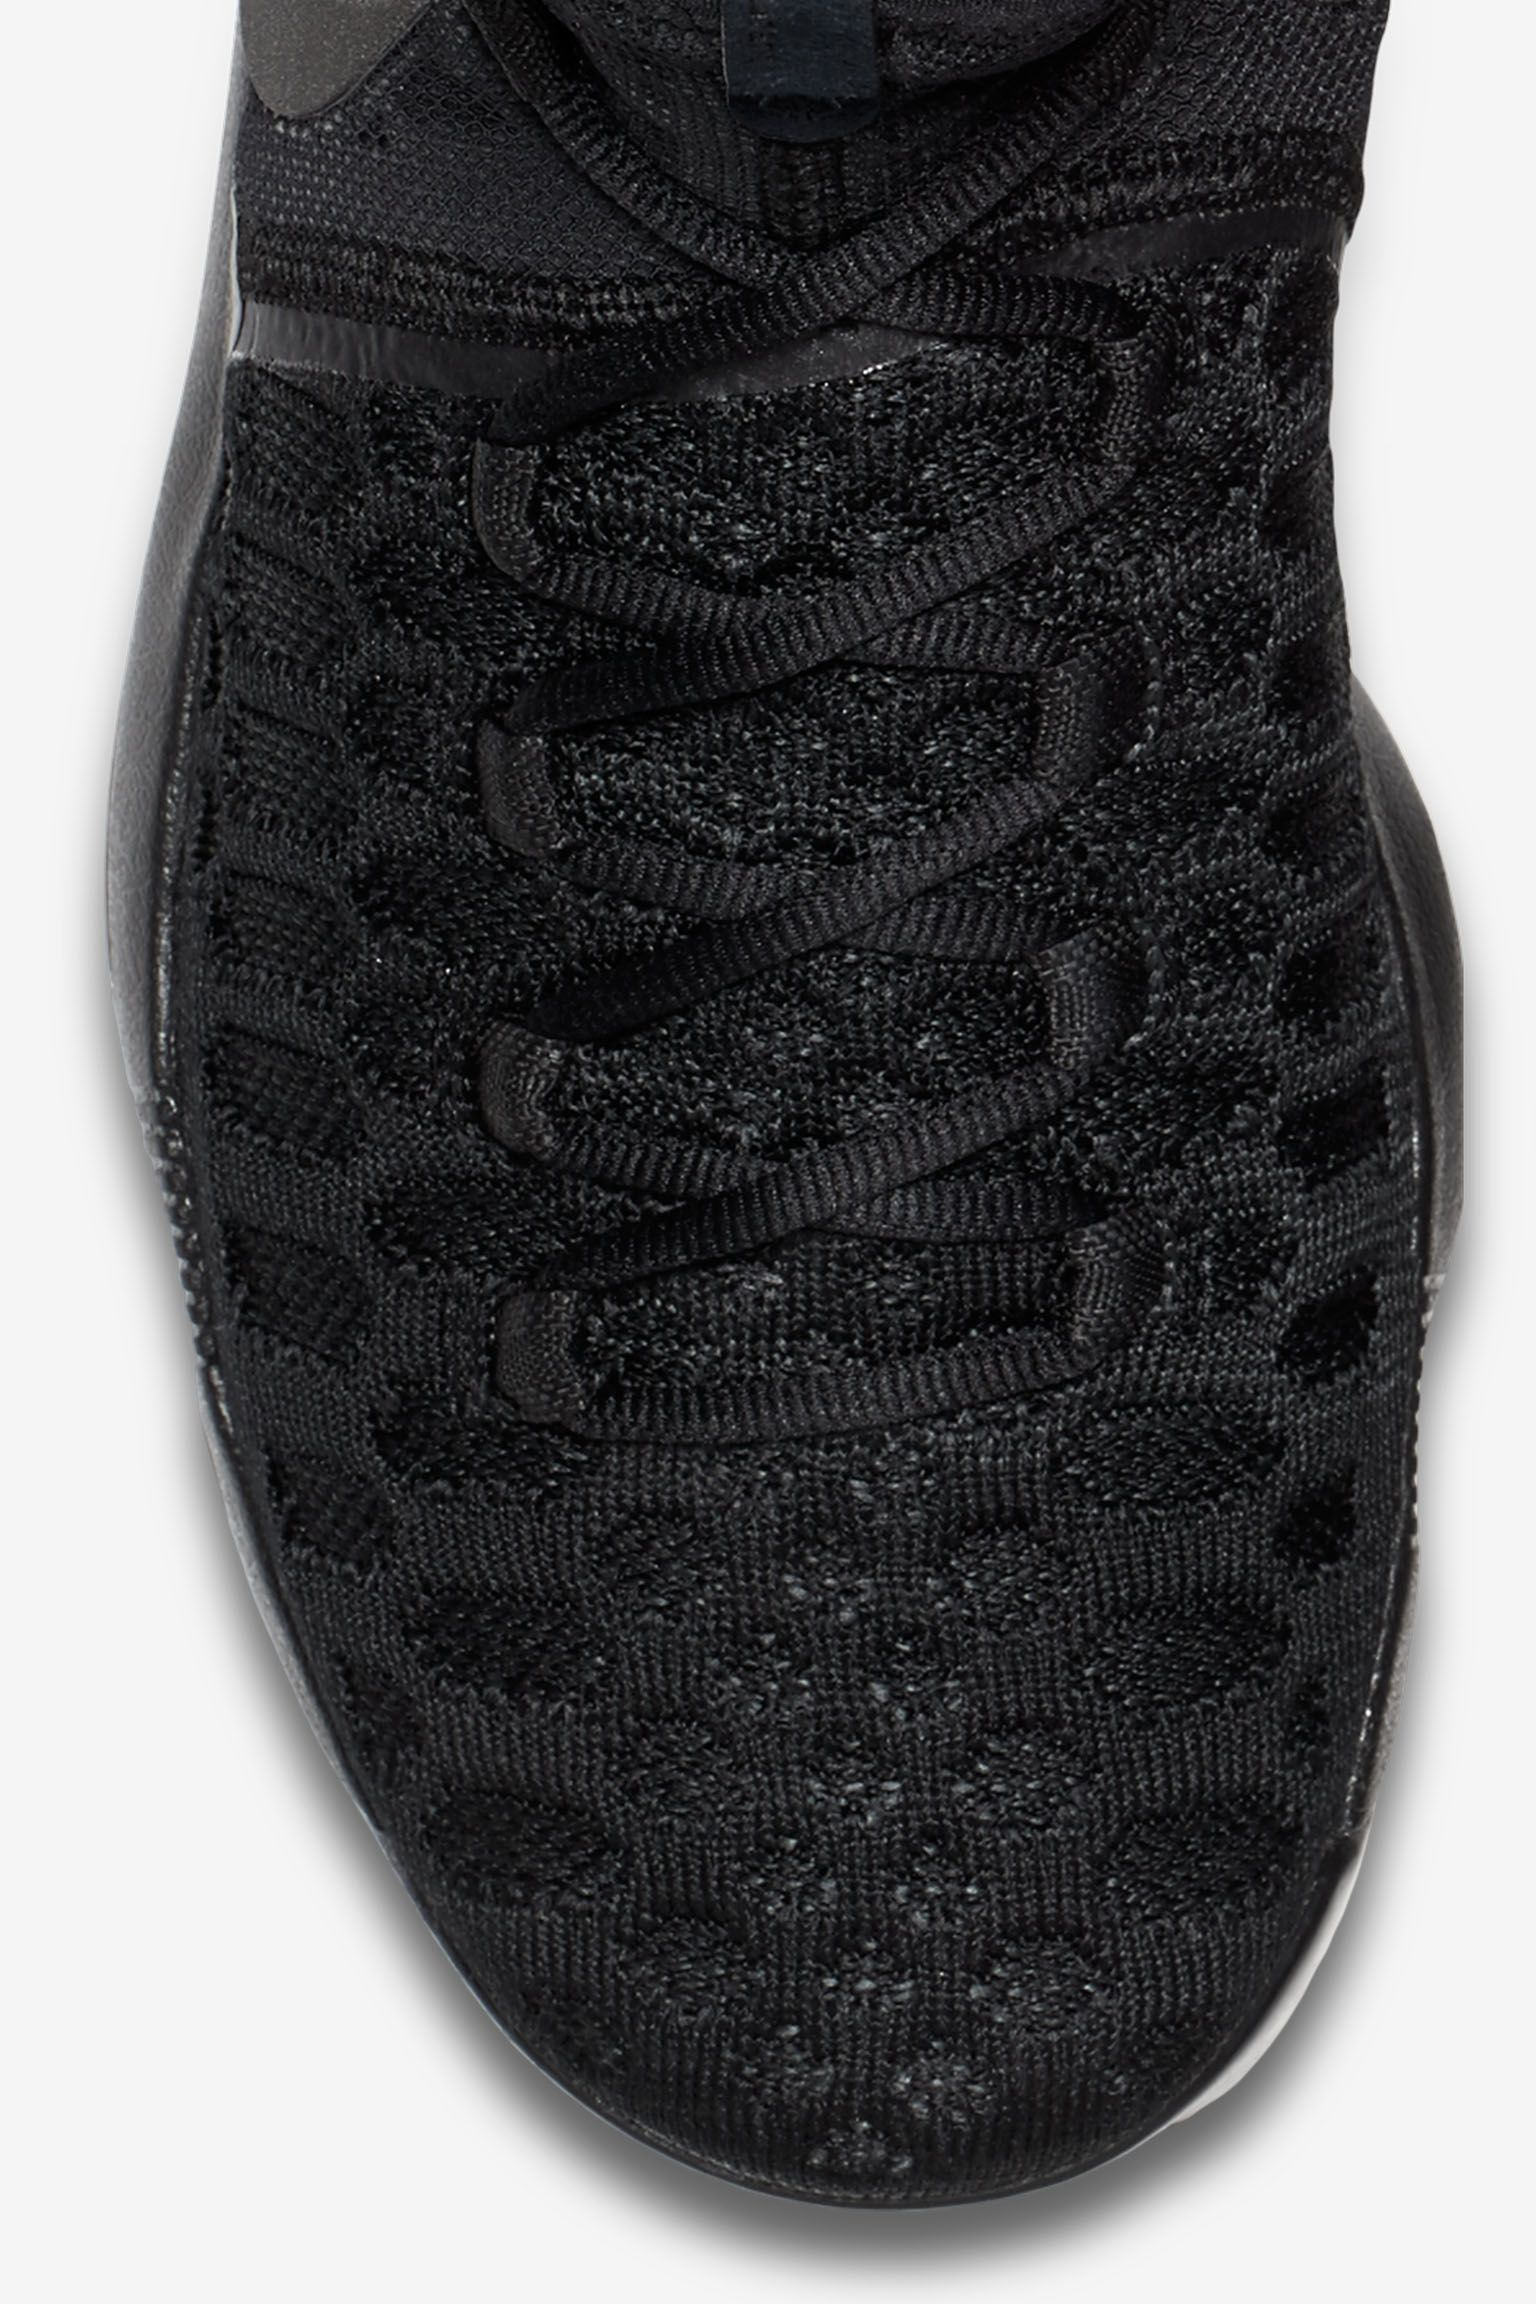 Nike KD 9 'Triple Black' Release Date